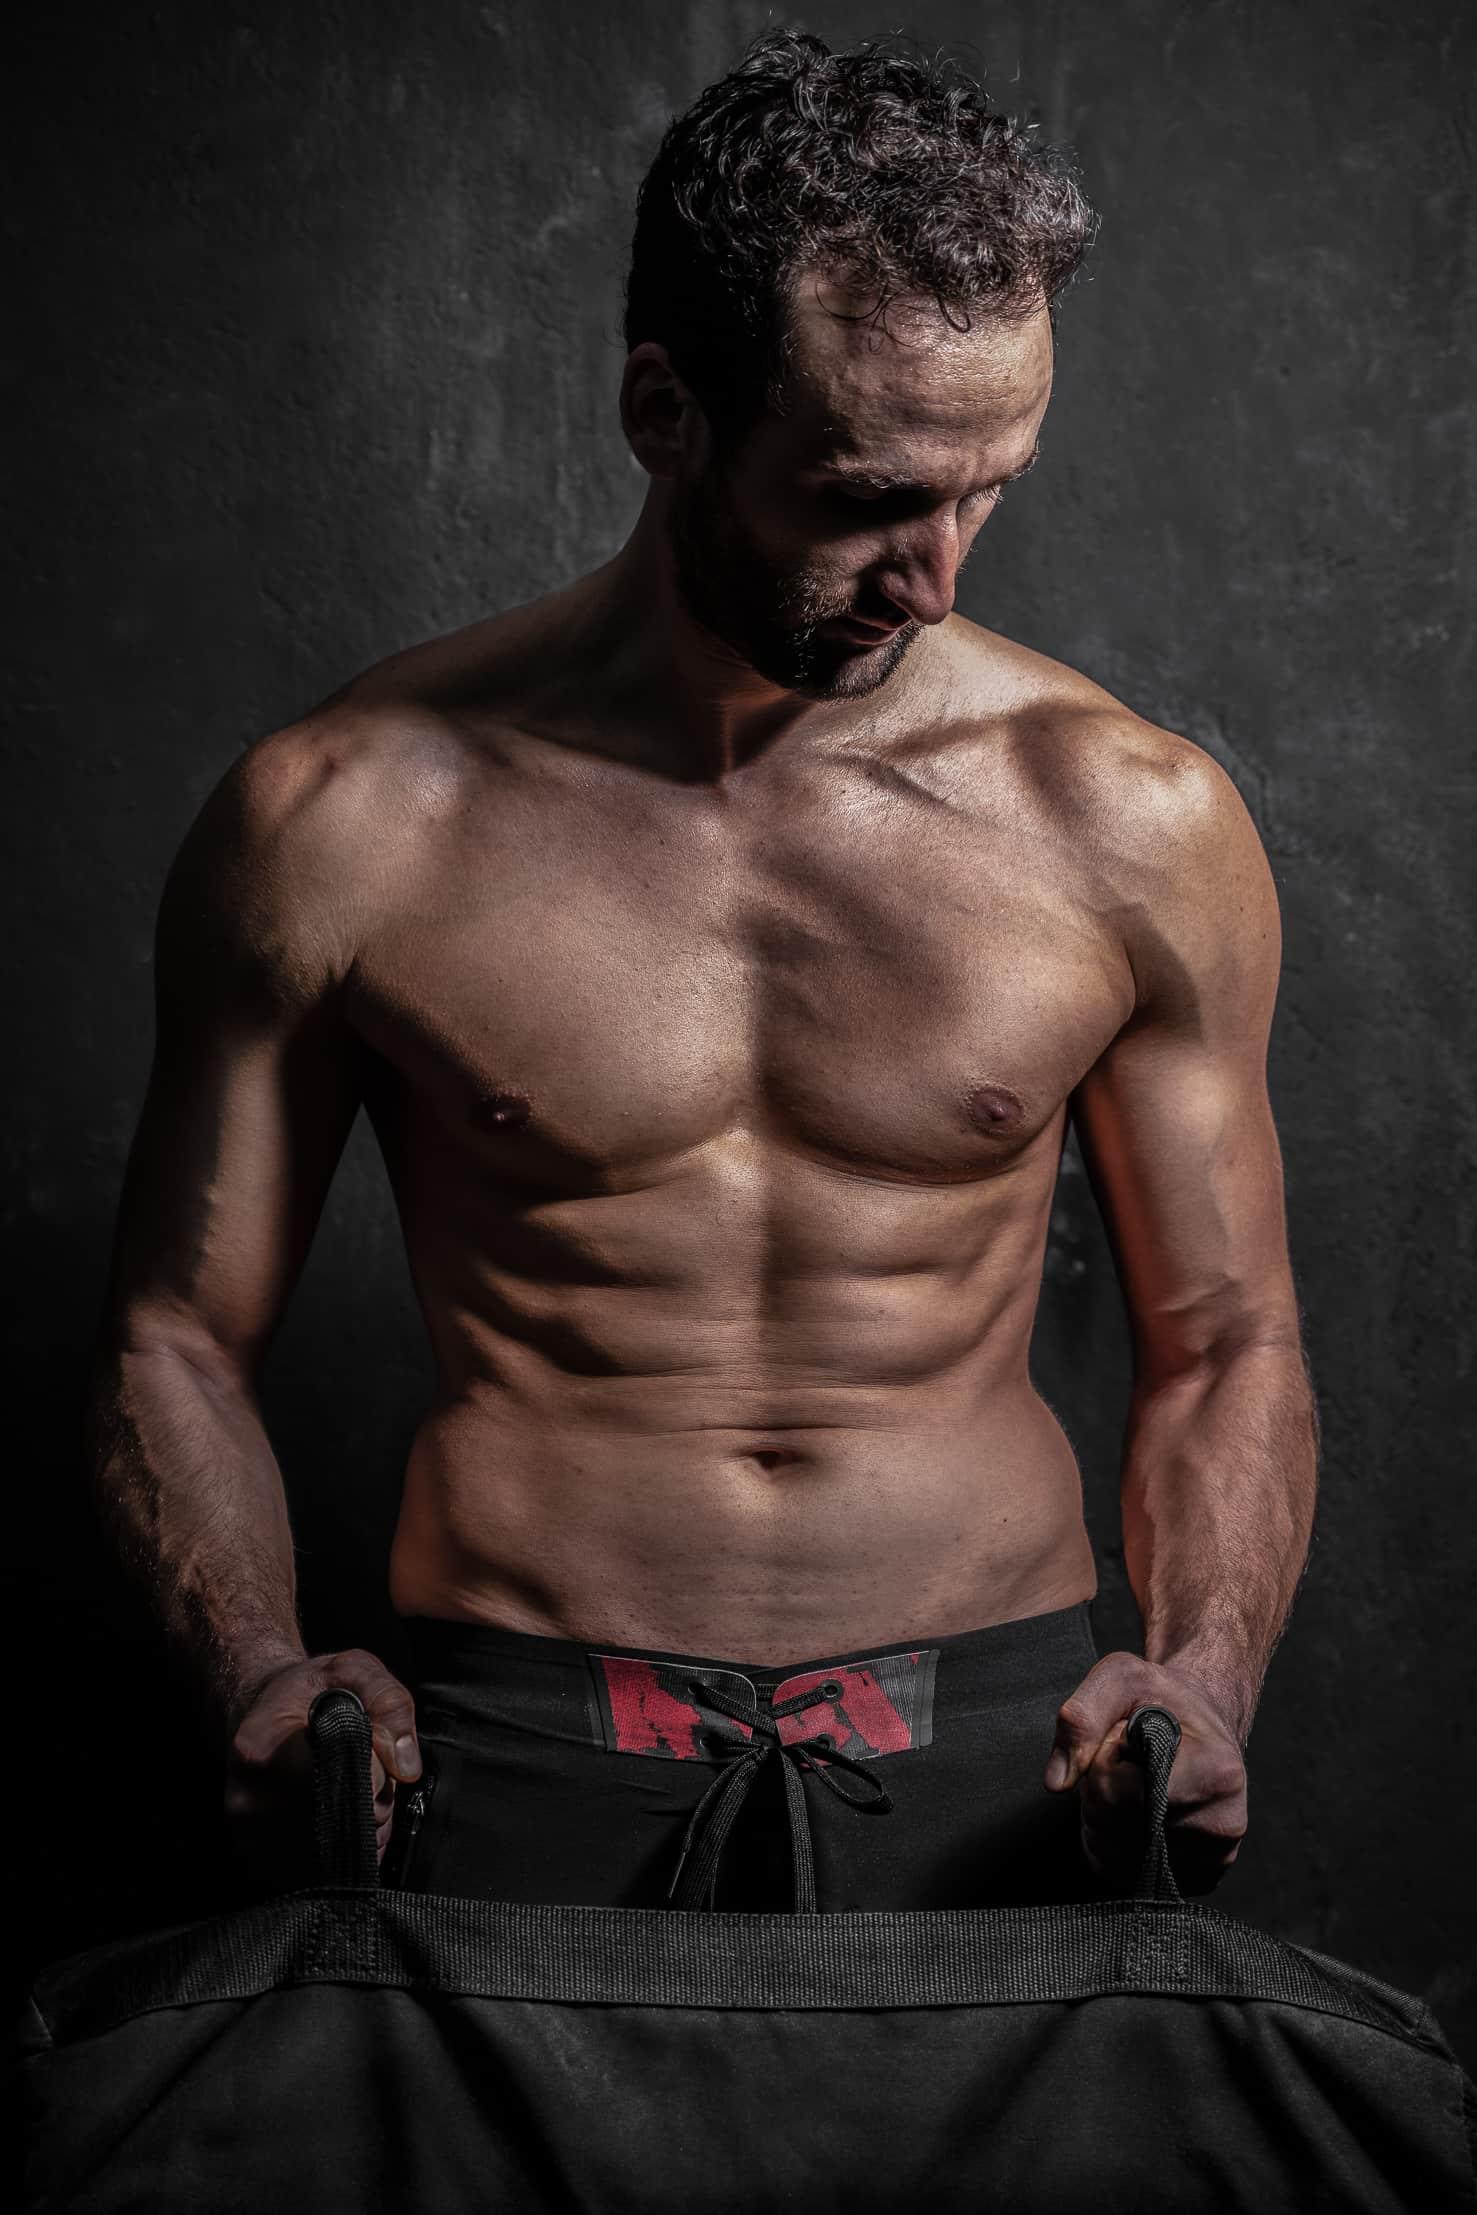 fotografofitness ritratto ragazzo muscoloso a torso nudo